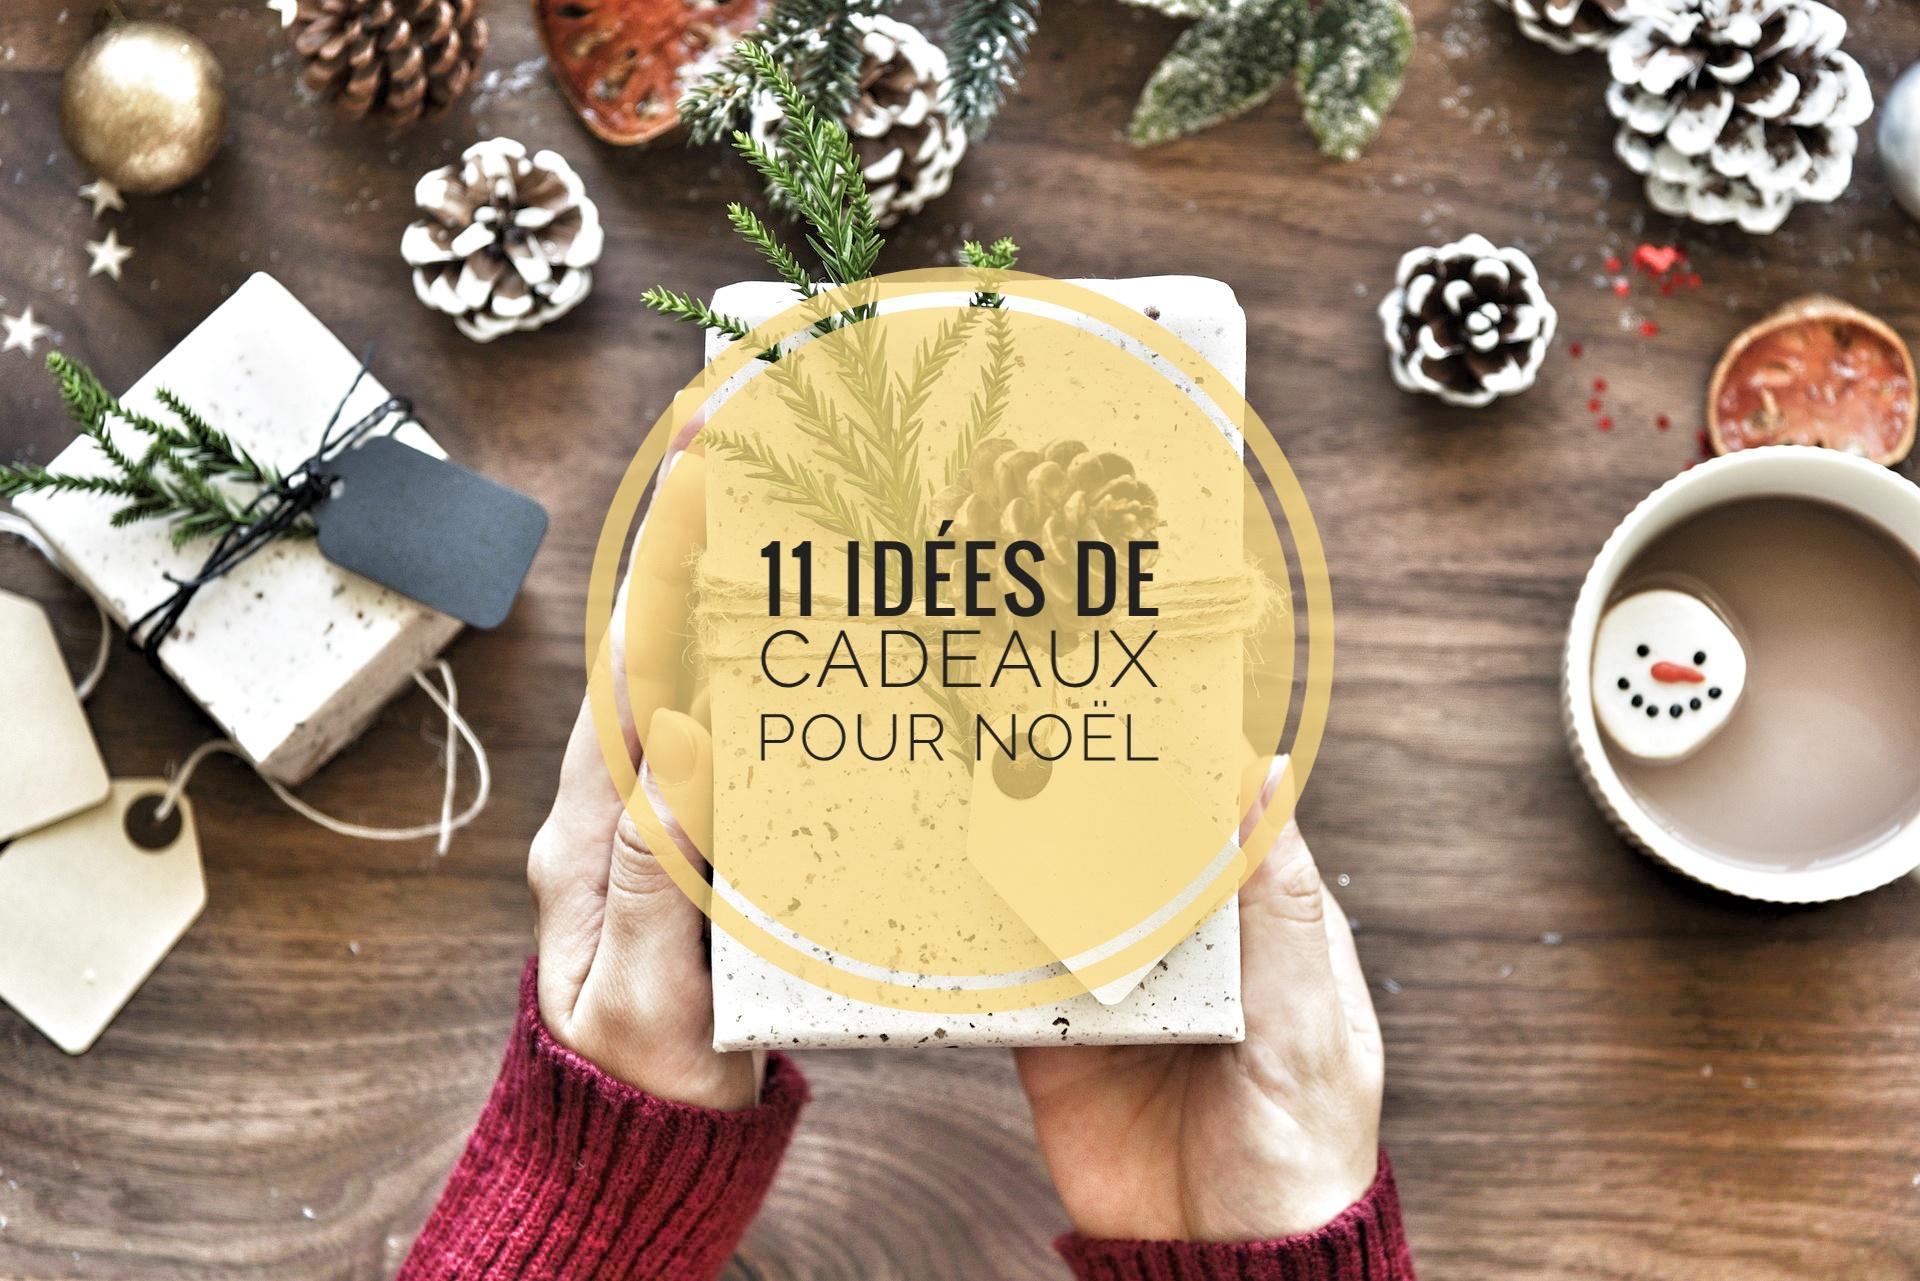 Noël 2019 : 11 idées cadeaux pour femme